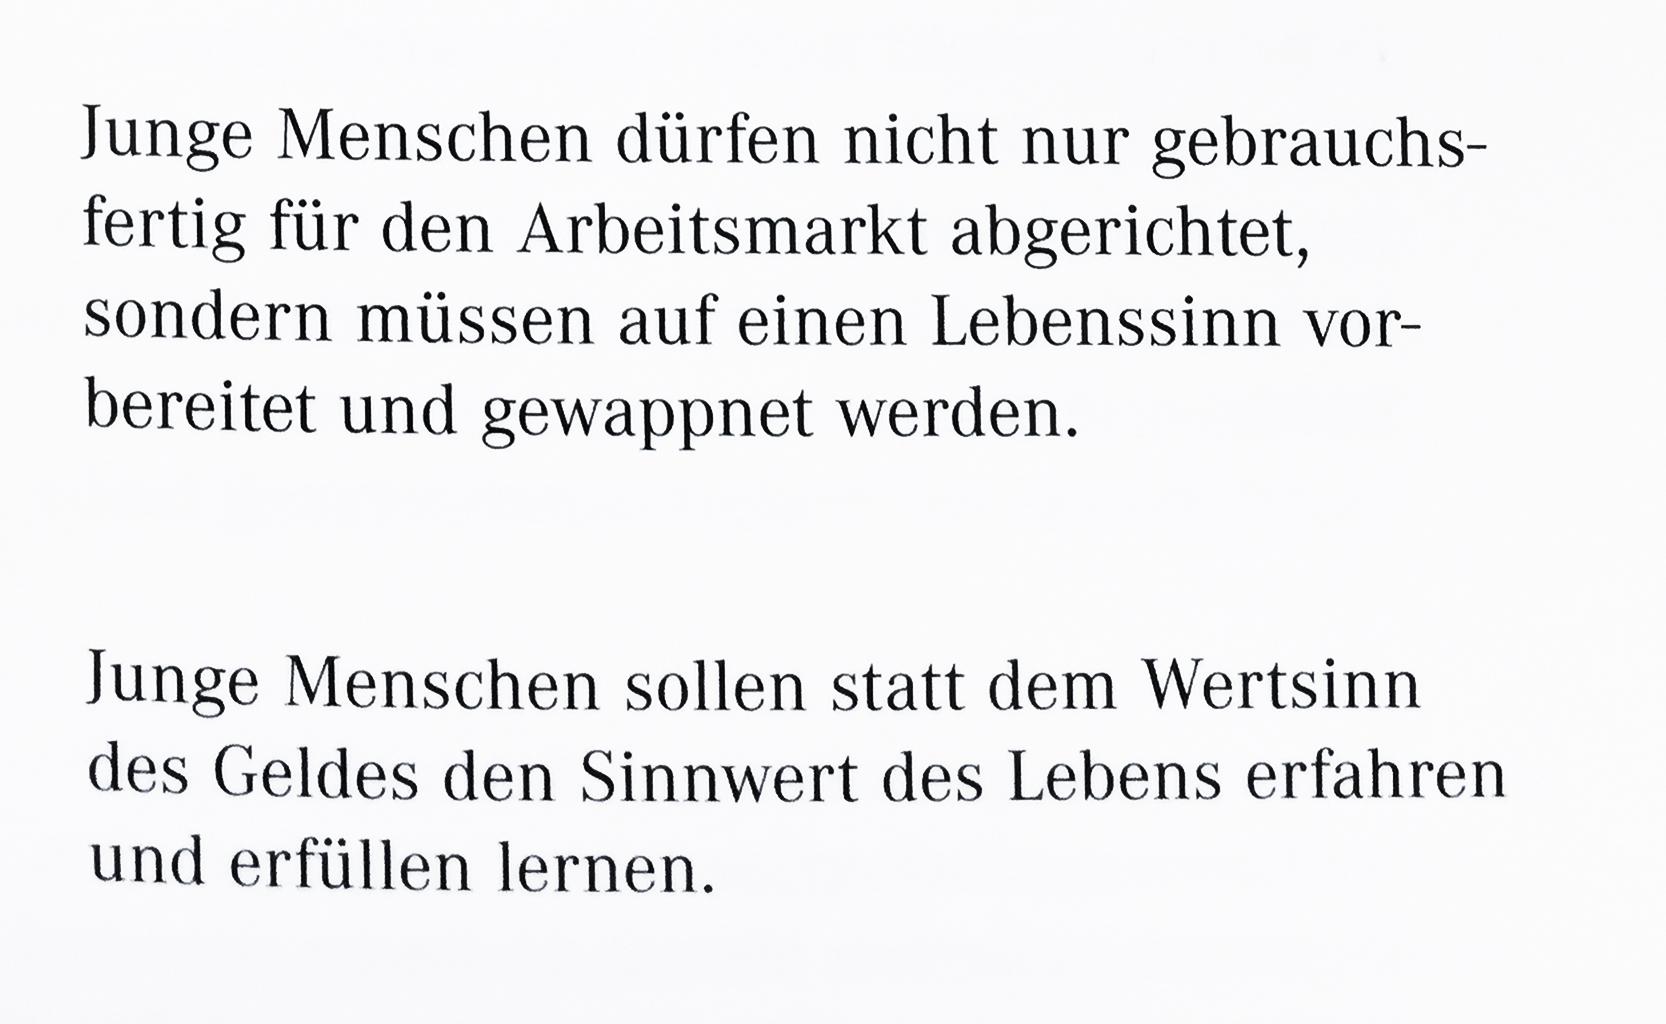 Zitat_02_Weidemann